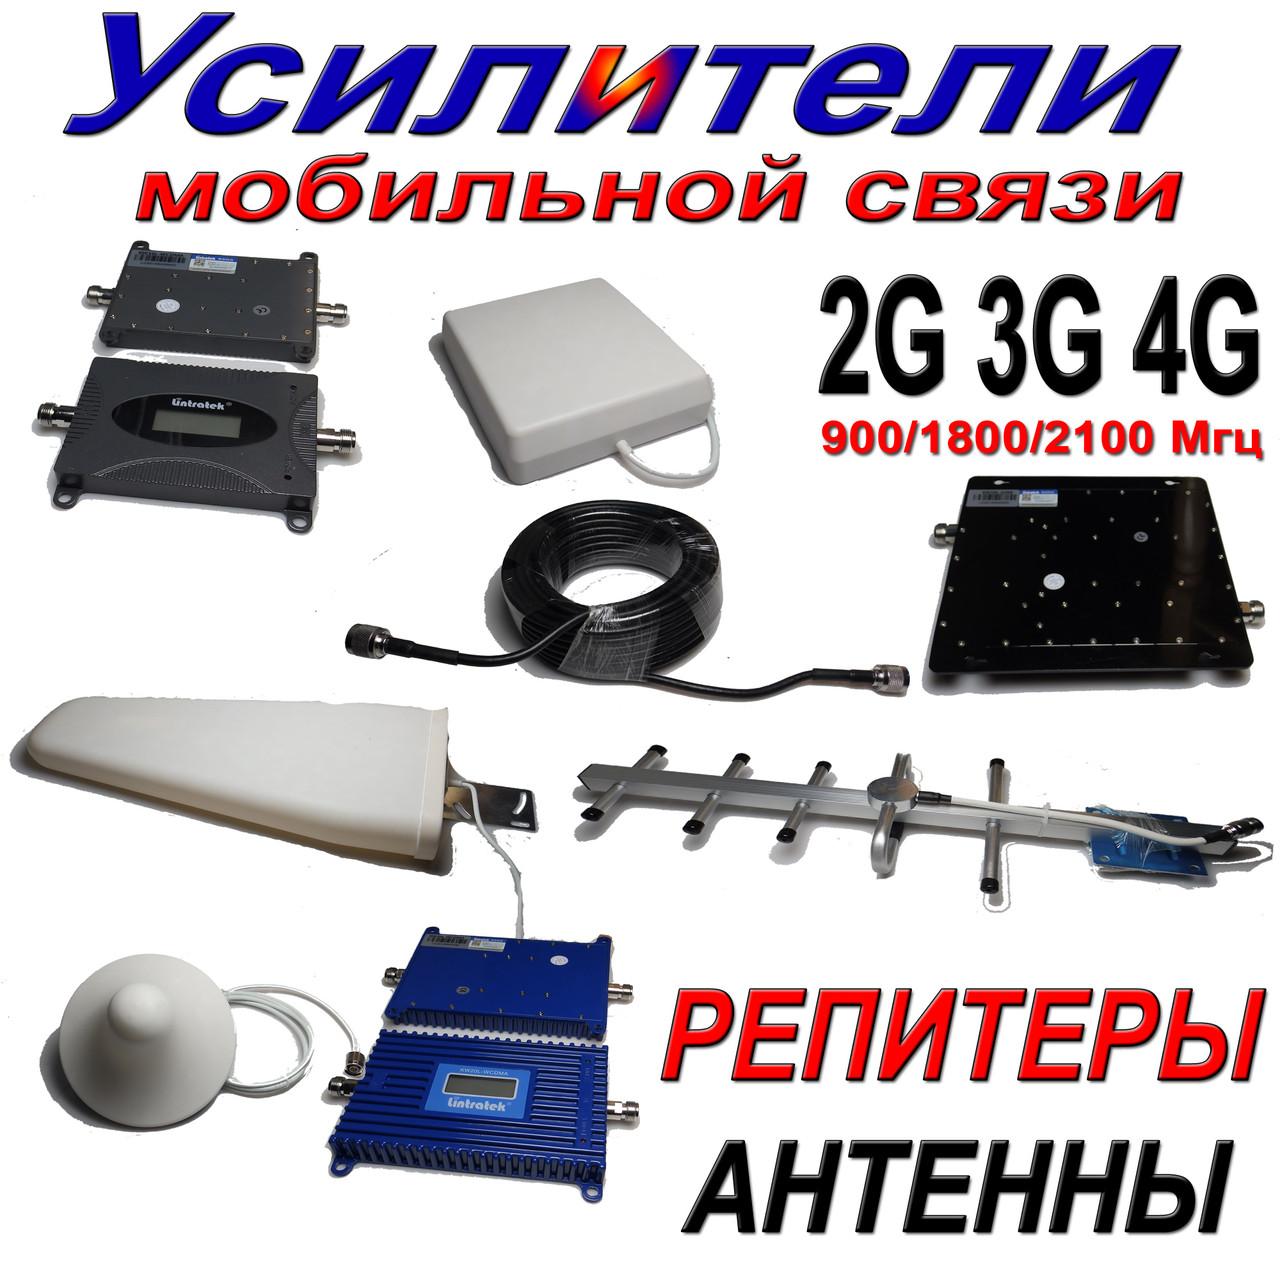 Усилитель Мобильной связи GSM, Репитер сигнала DCS 1800 МГц, 3G/4G интернета 2100 МГц +Подарок +Скидка